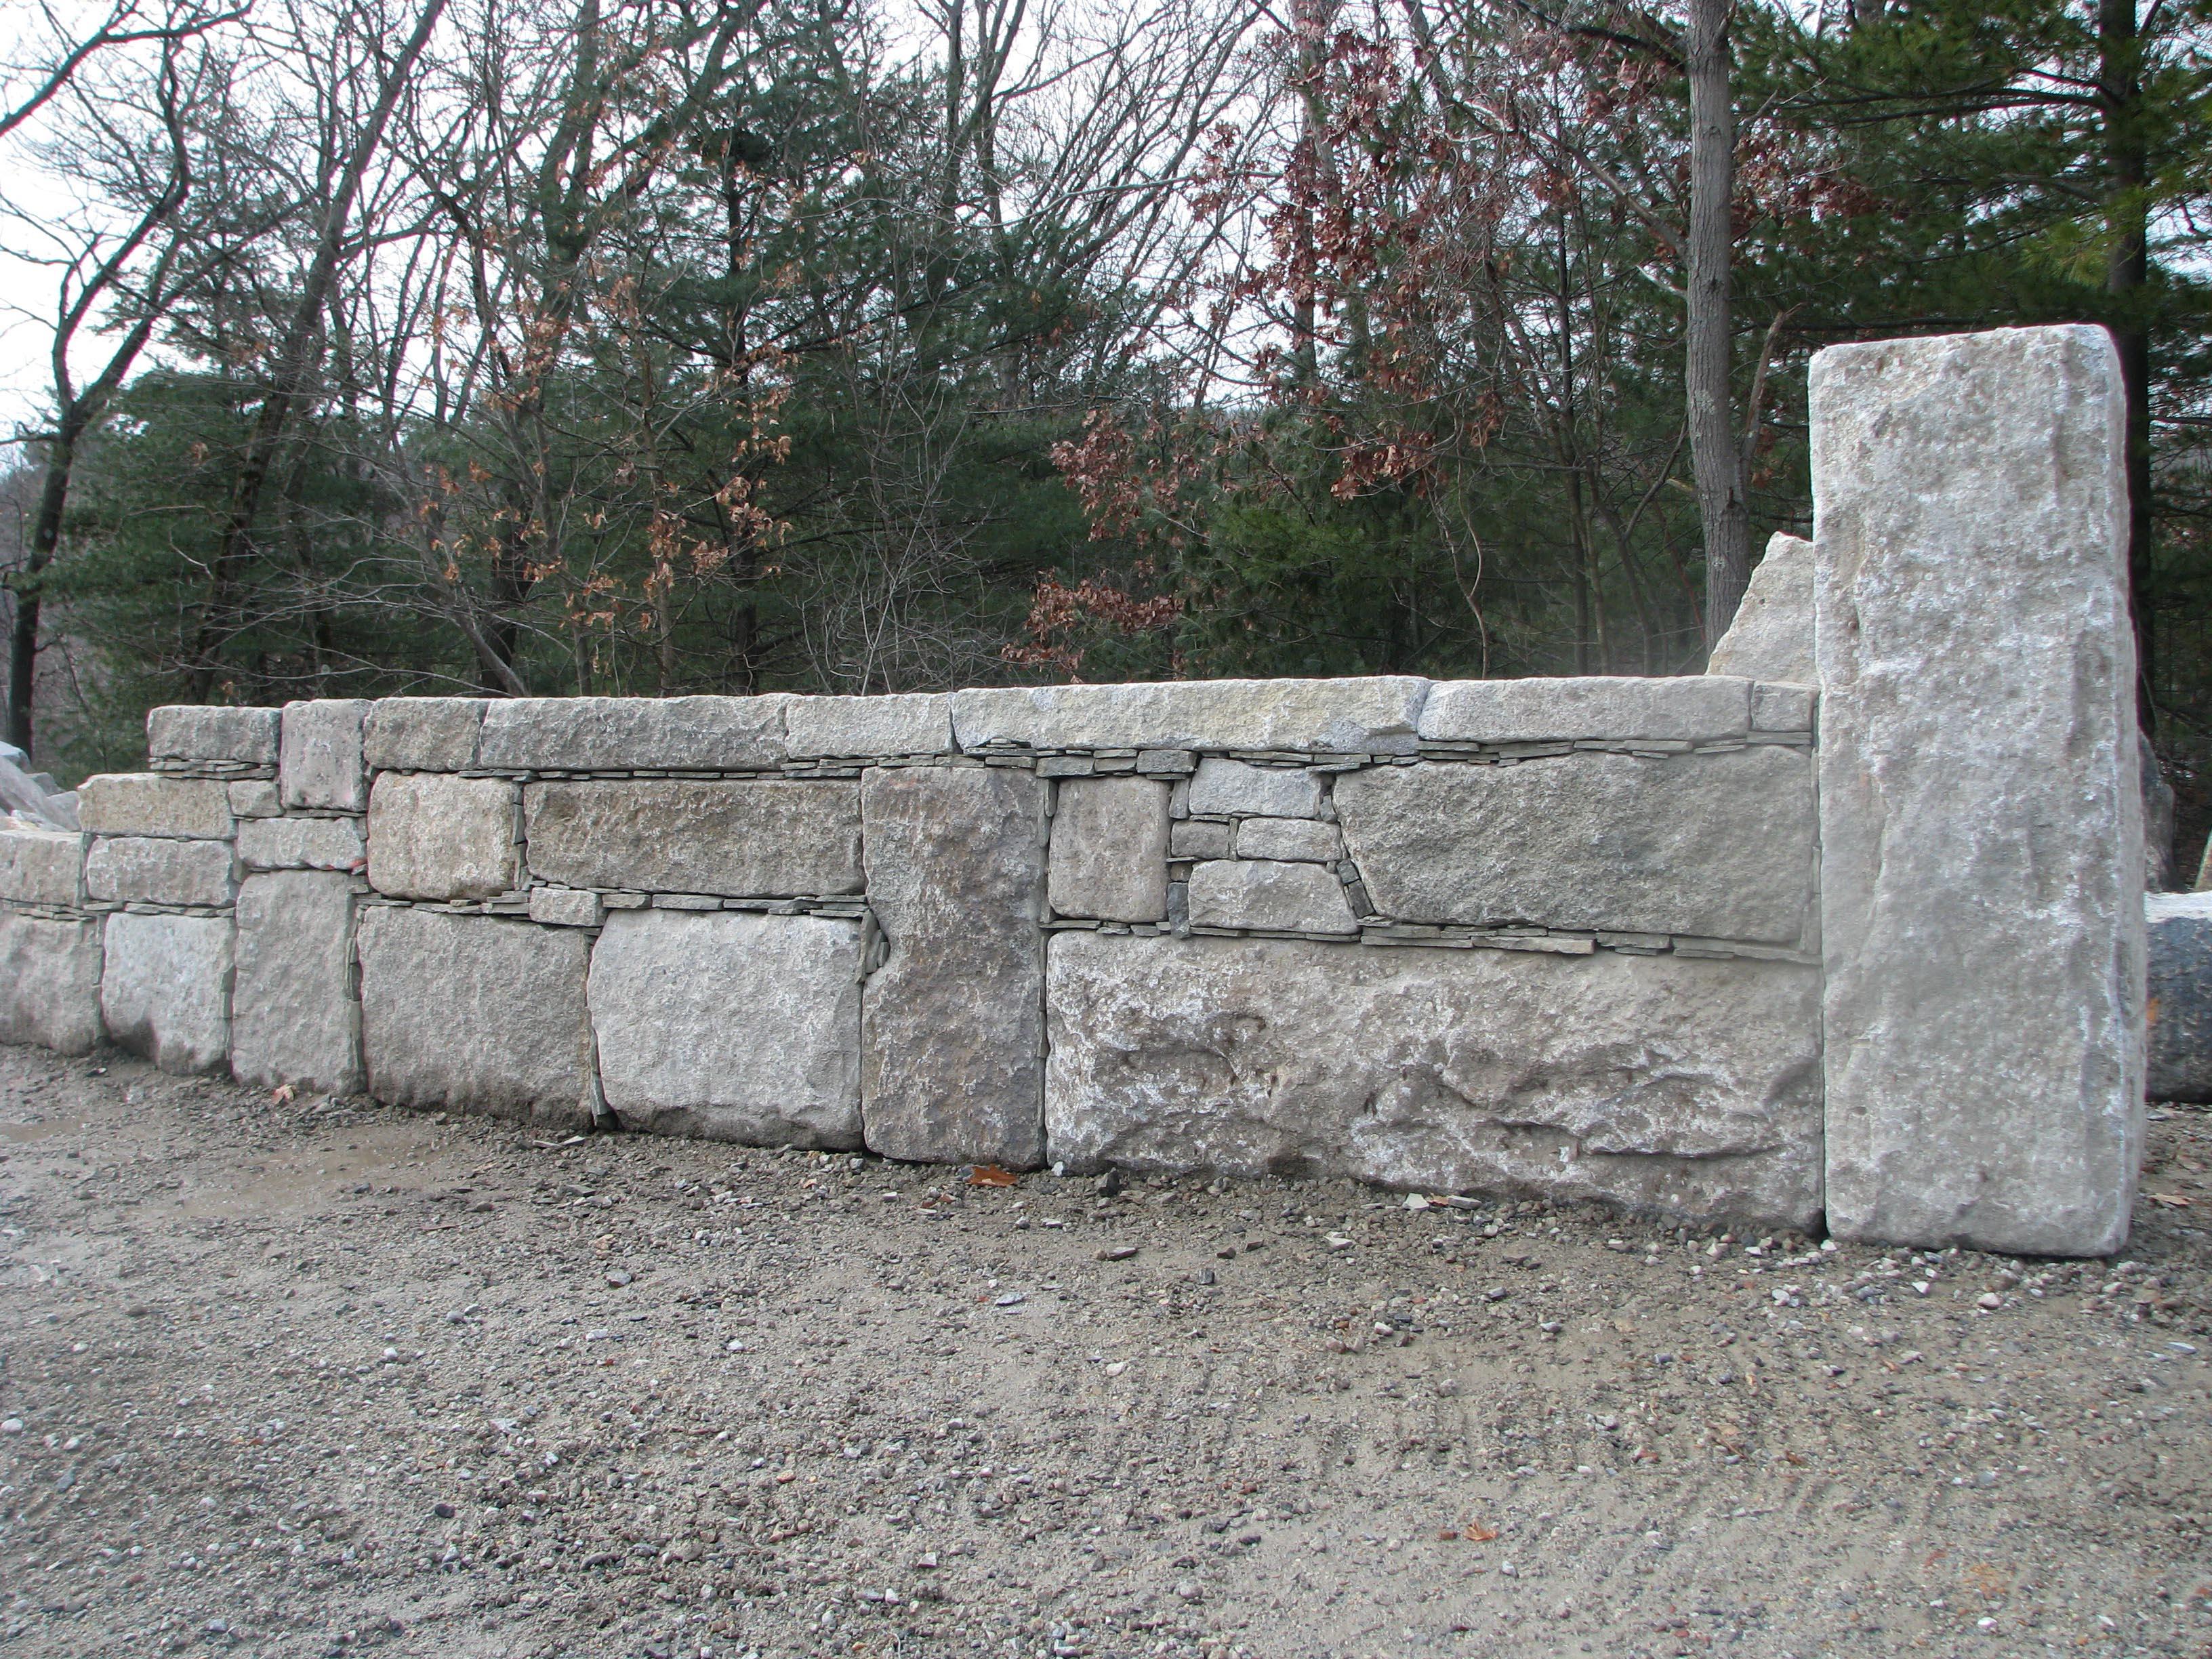 Granite Block Seawall : The reed corporation